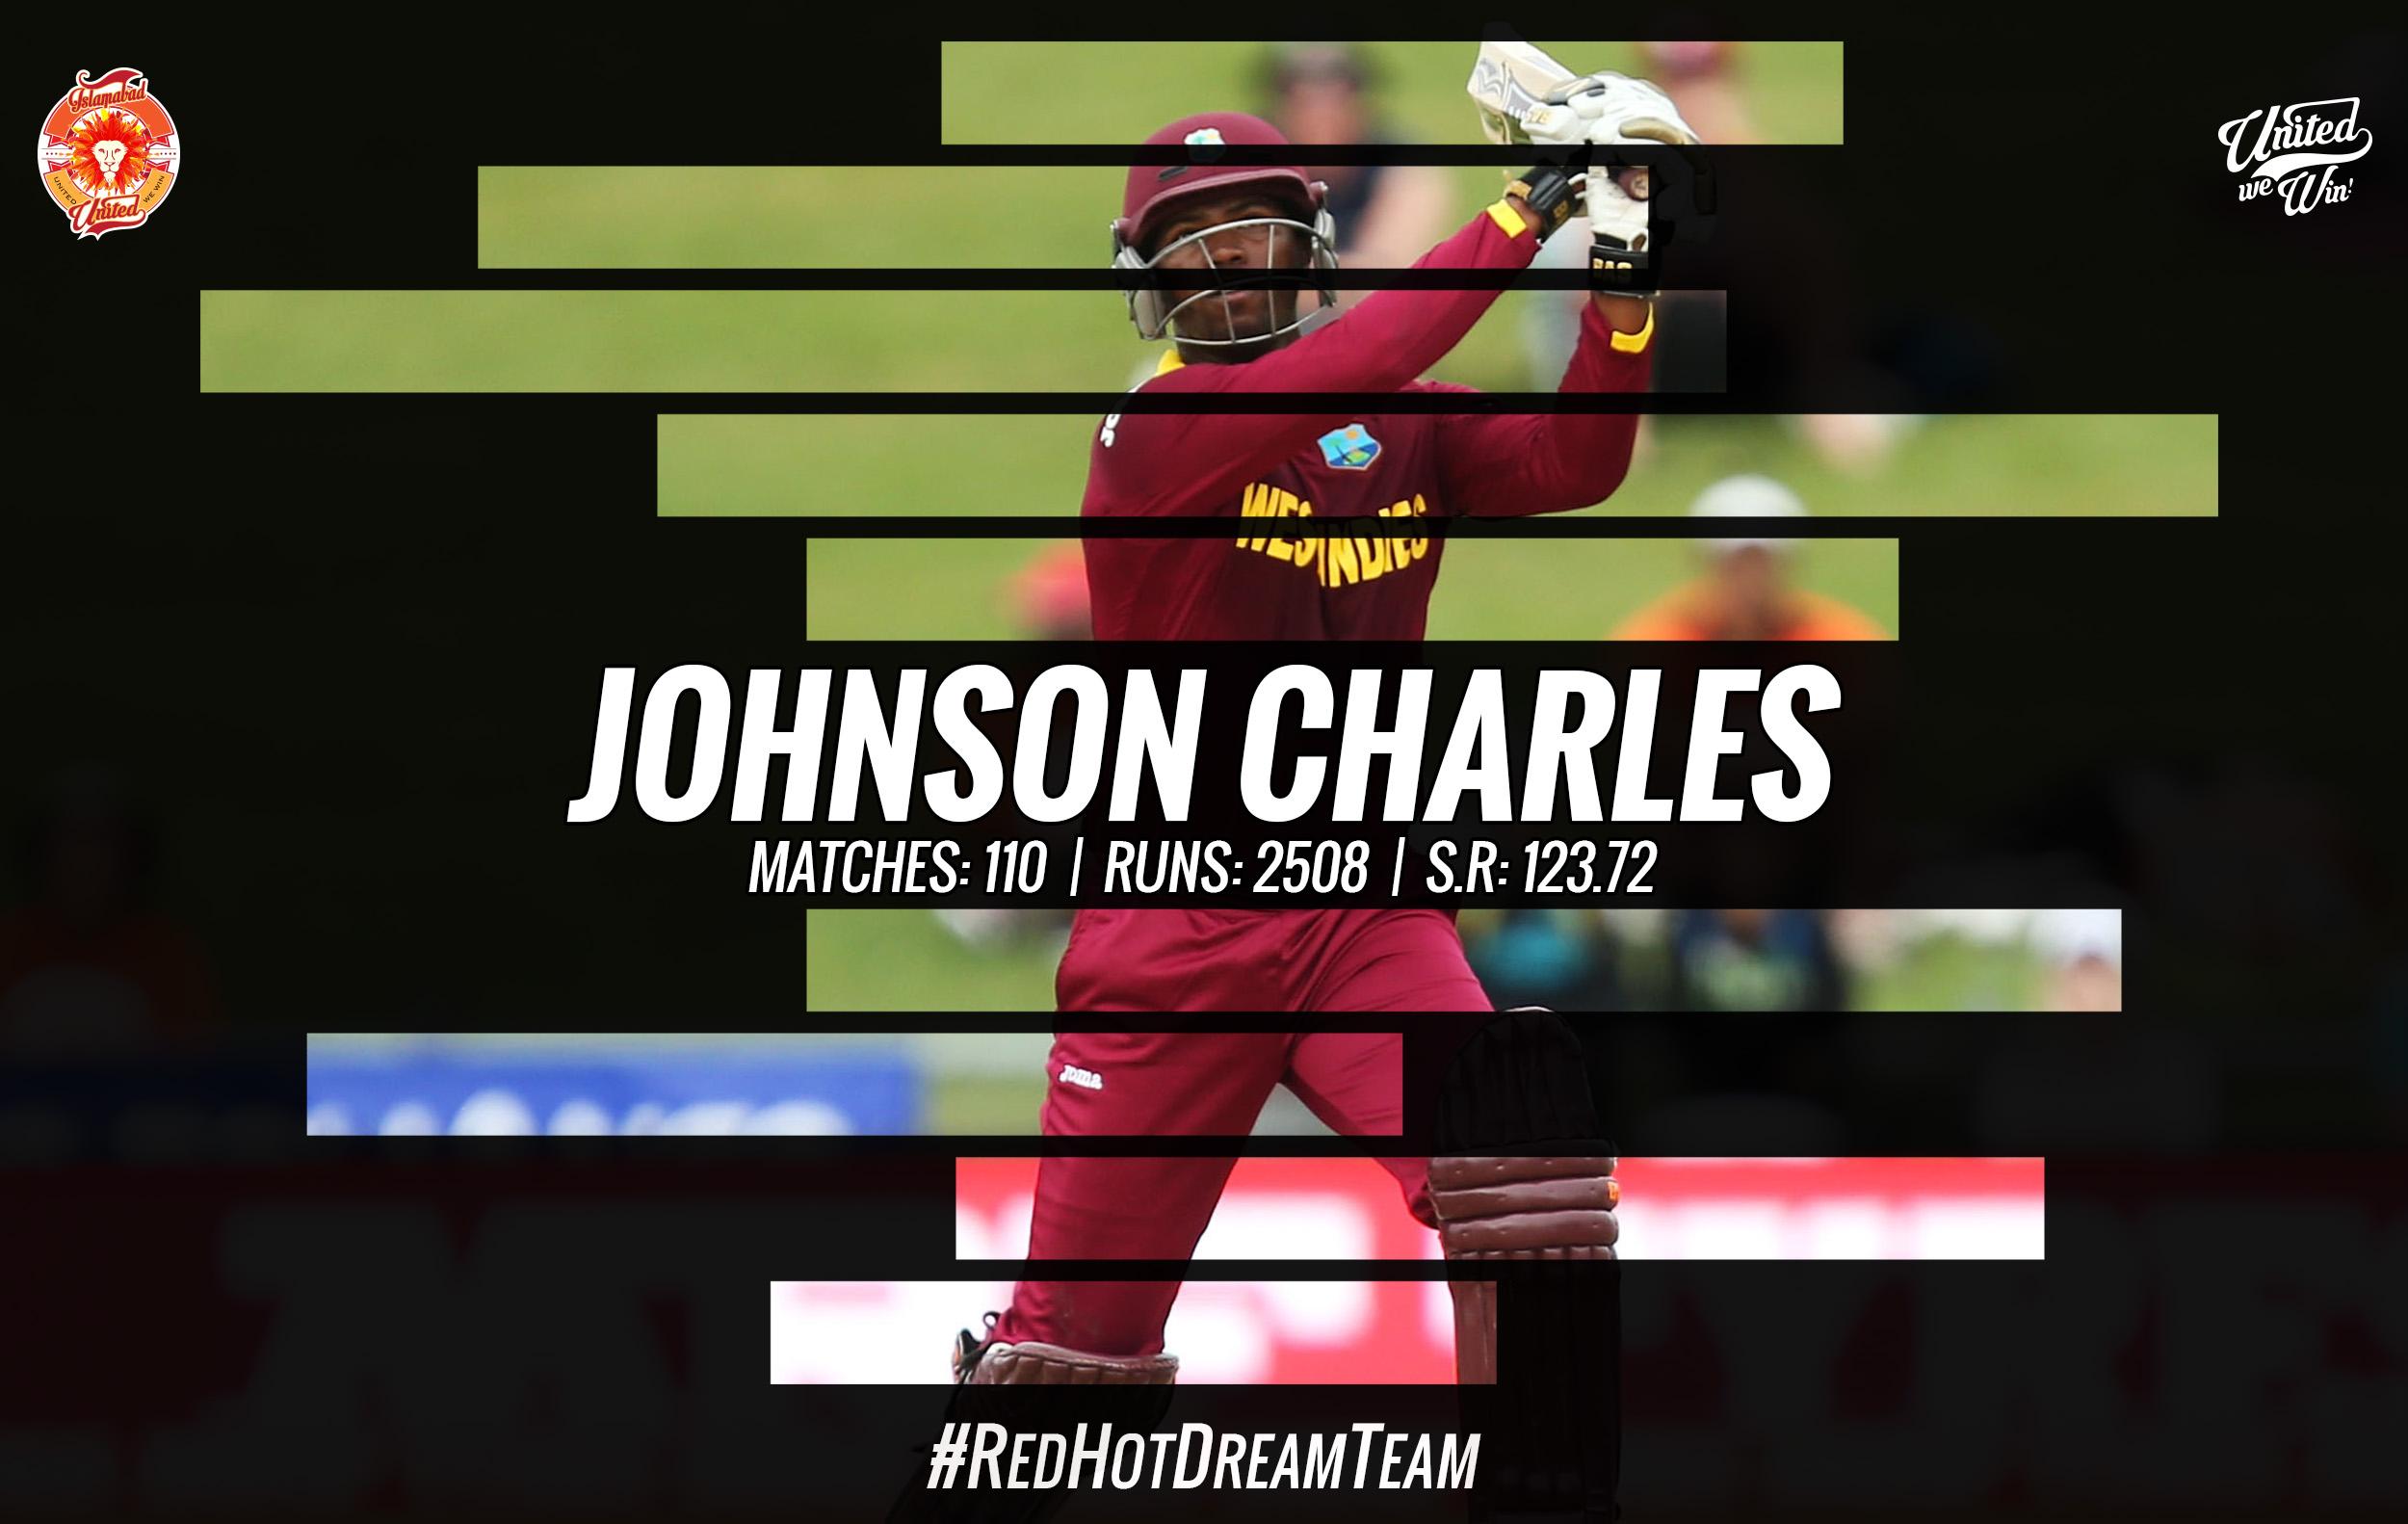 Johnson Charles